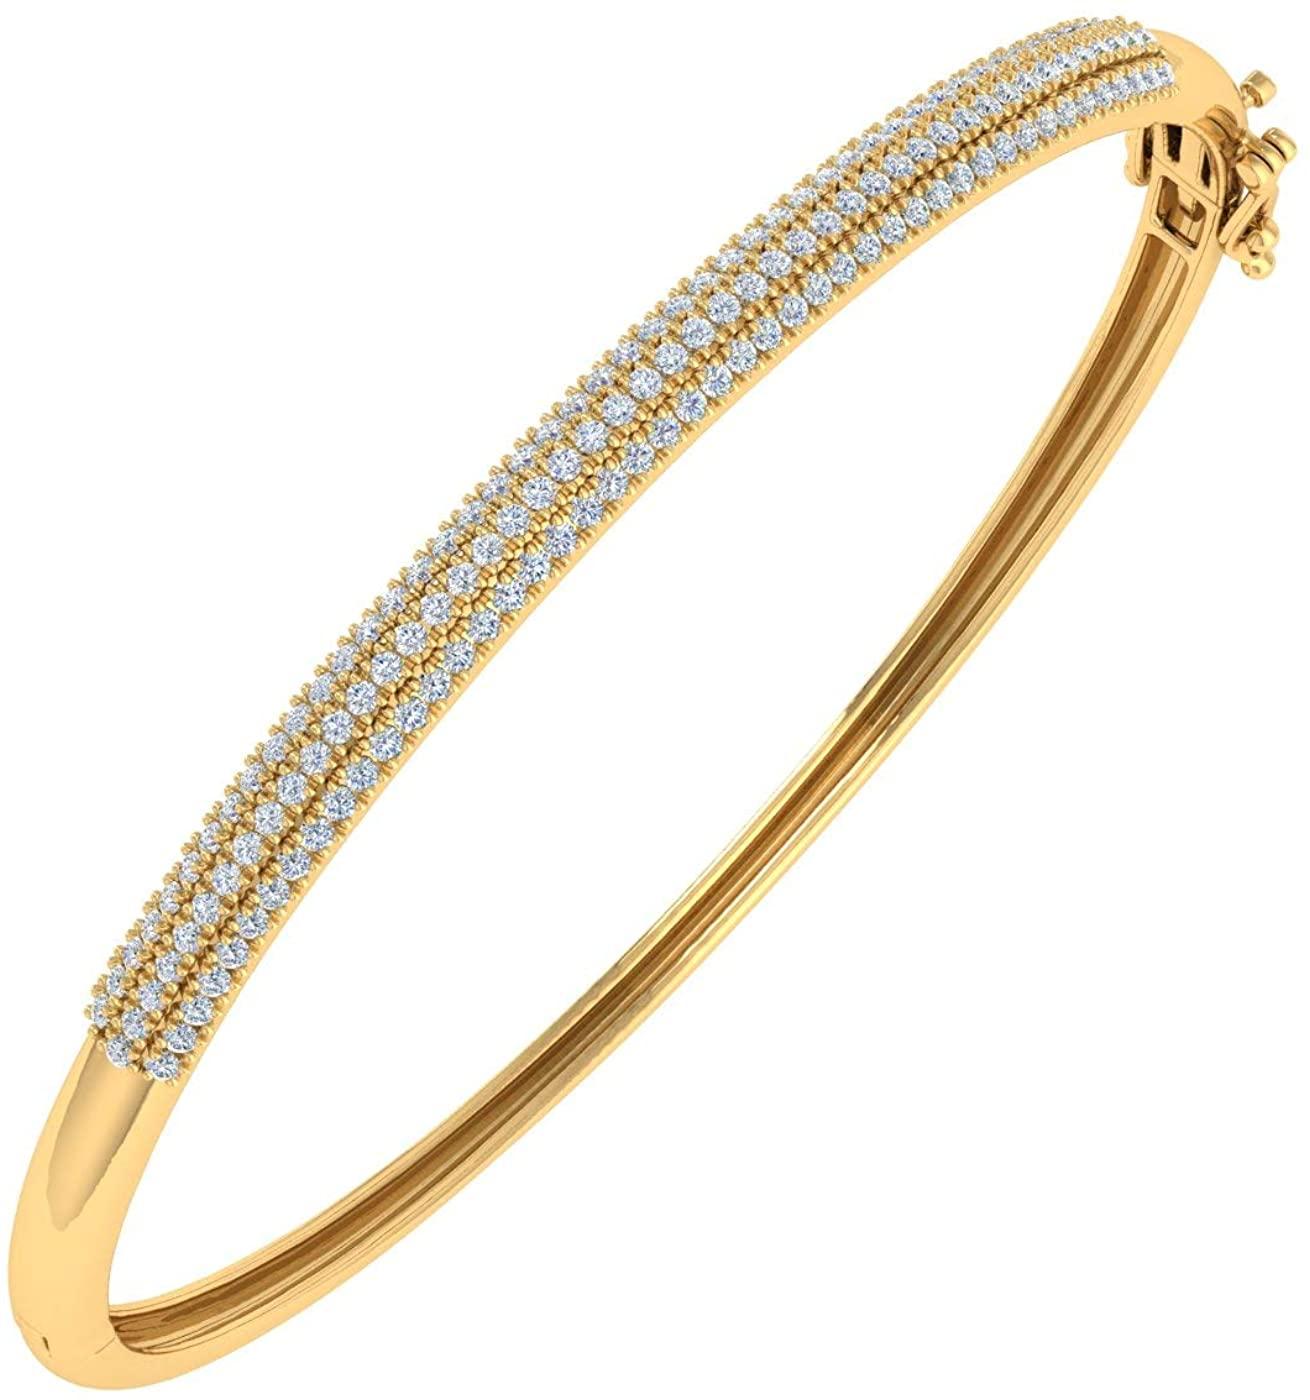 1 Carat Natural Diamond Bangle Bracelet in 10K Gold